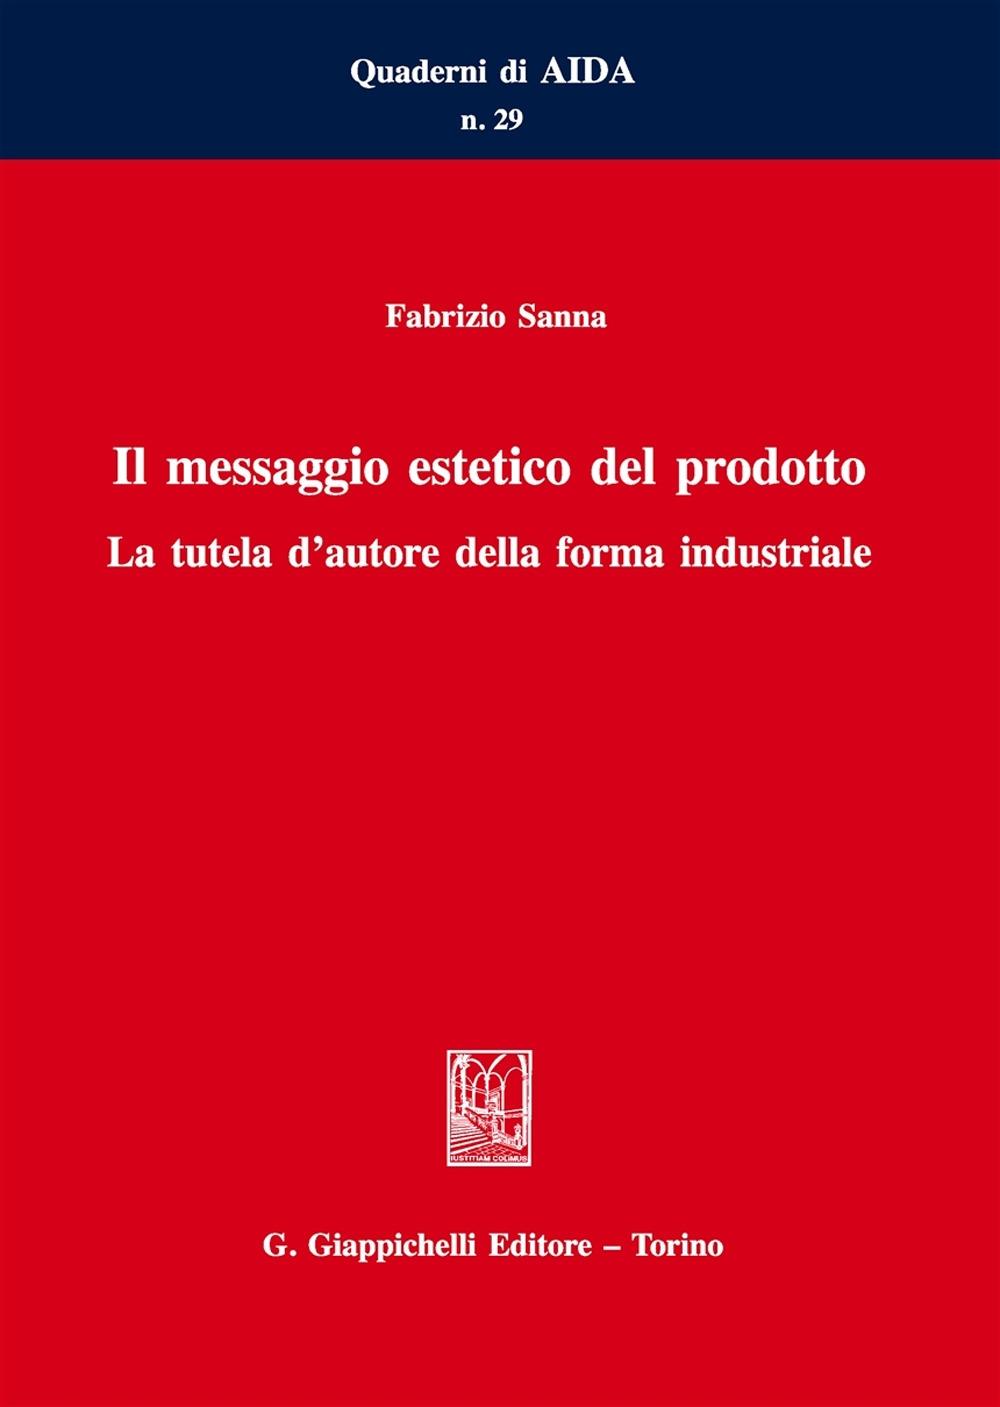 Il messaggio estetico del prodotto. La tutela d'autore della forma industriale